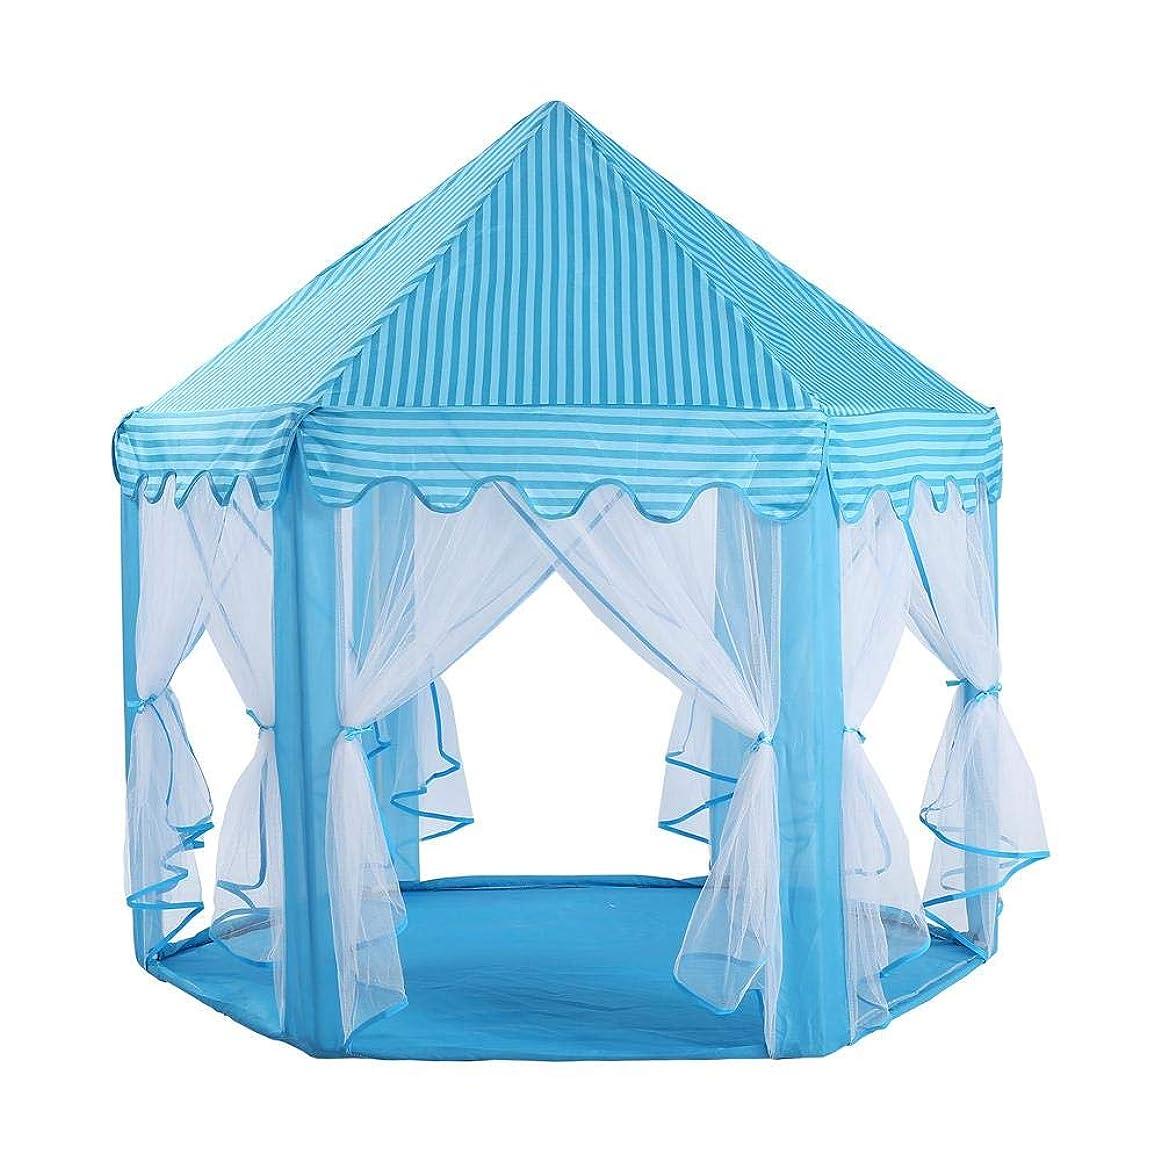 充電ボルトピクニック女の子の王女のテントポータブル折りたたみプレイハウスピンク城小さな家のテント子供ギフト屋外のおもちゃギフト用年齢2-8女の子王女城